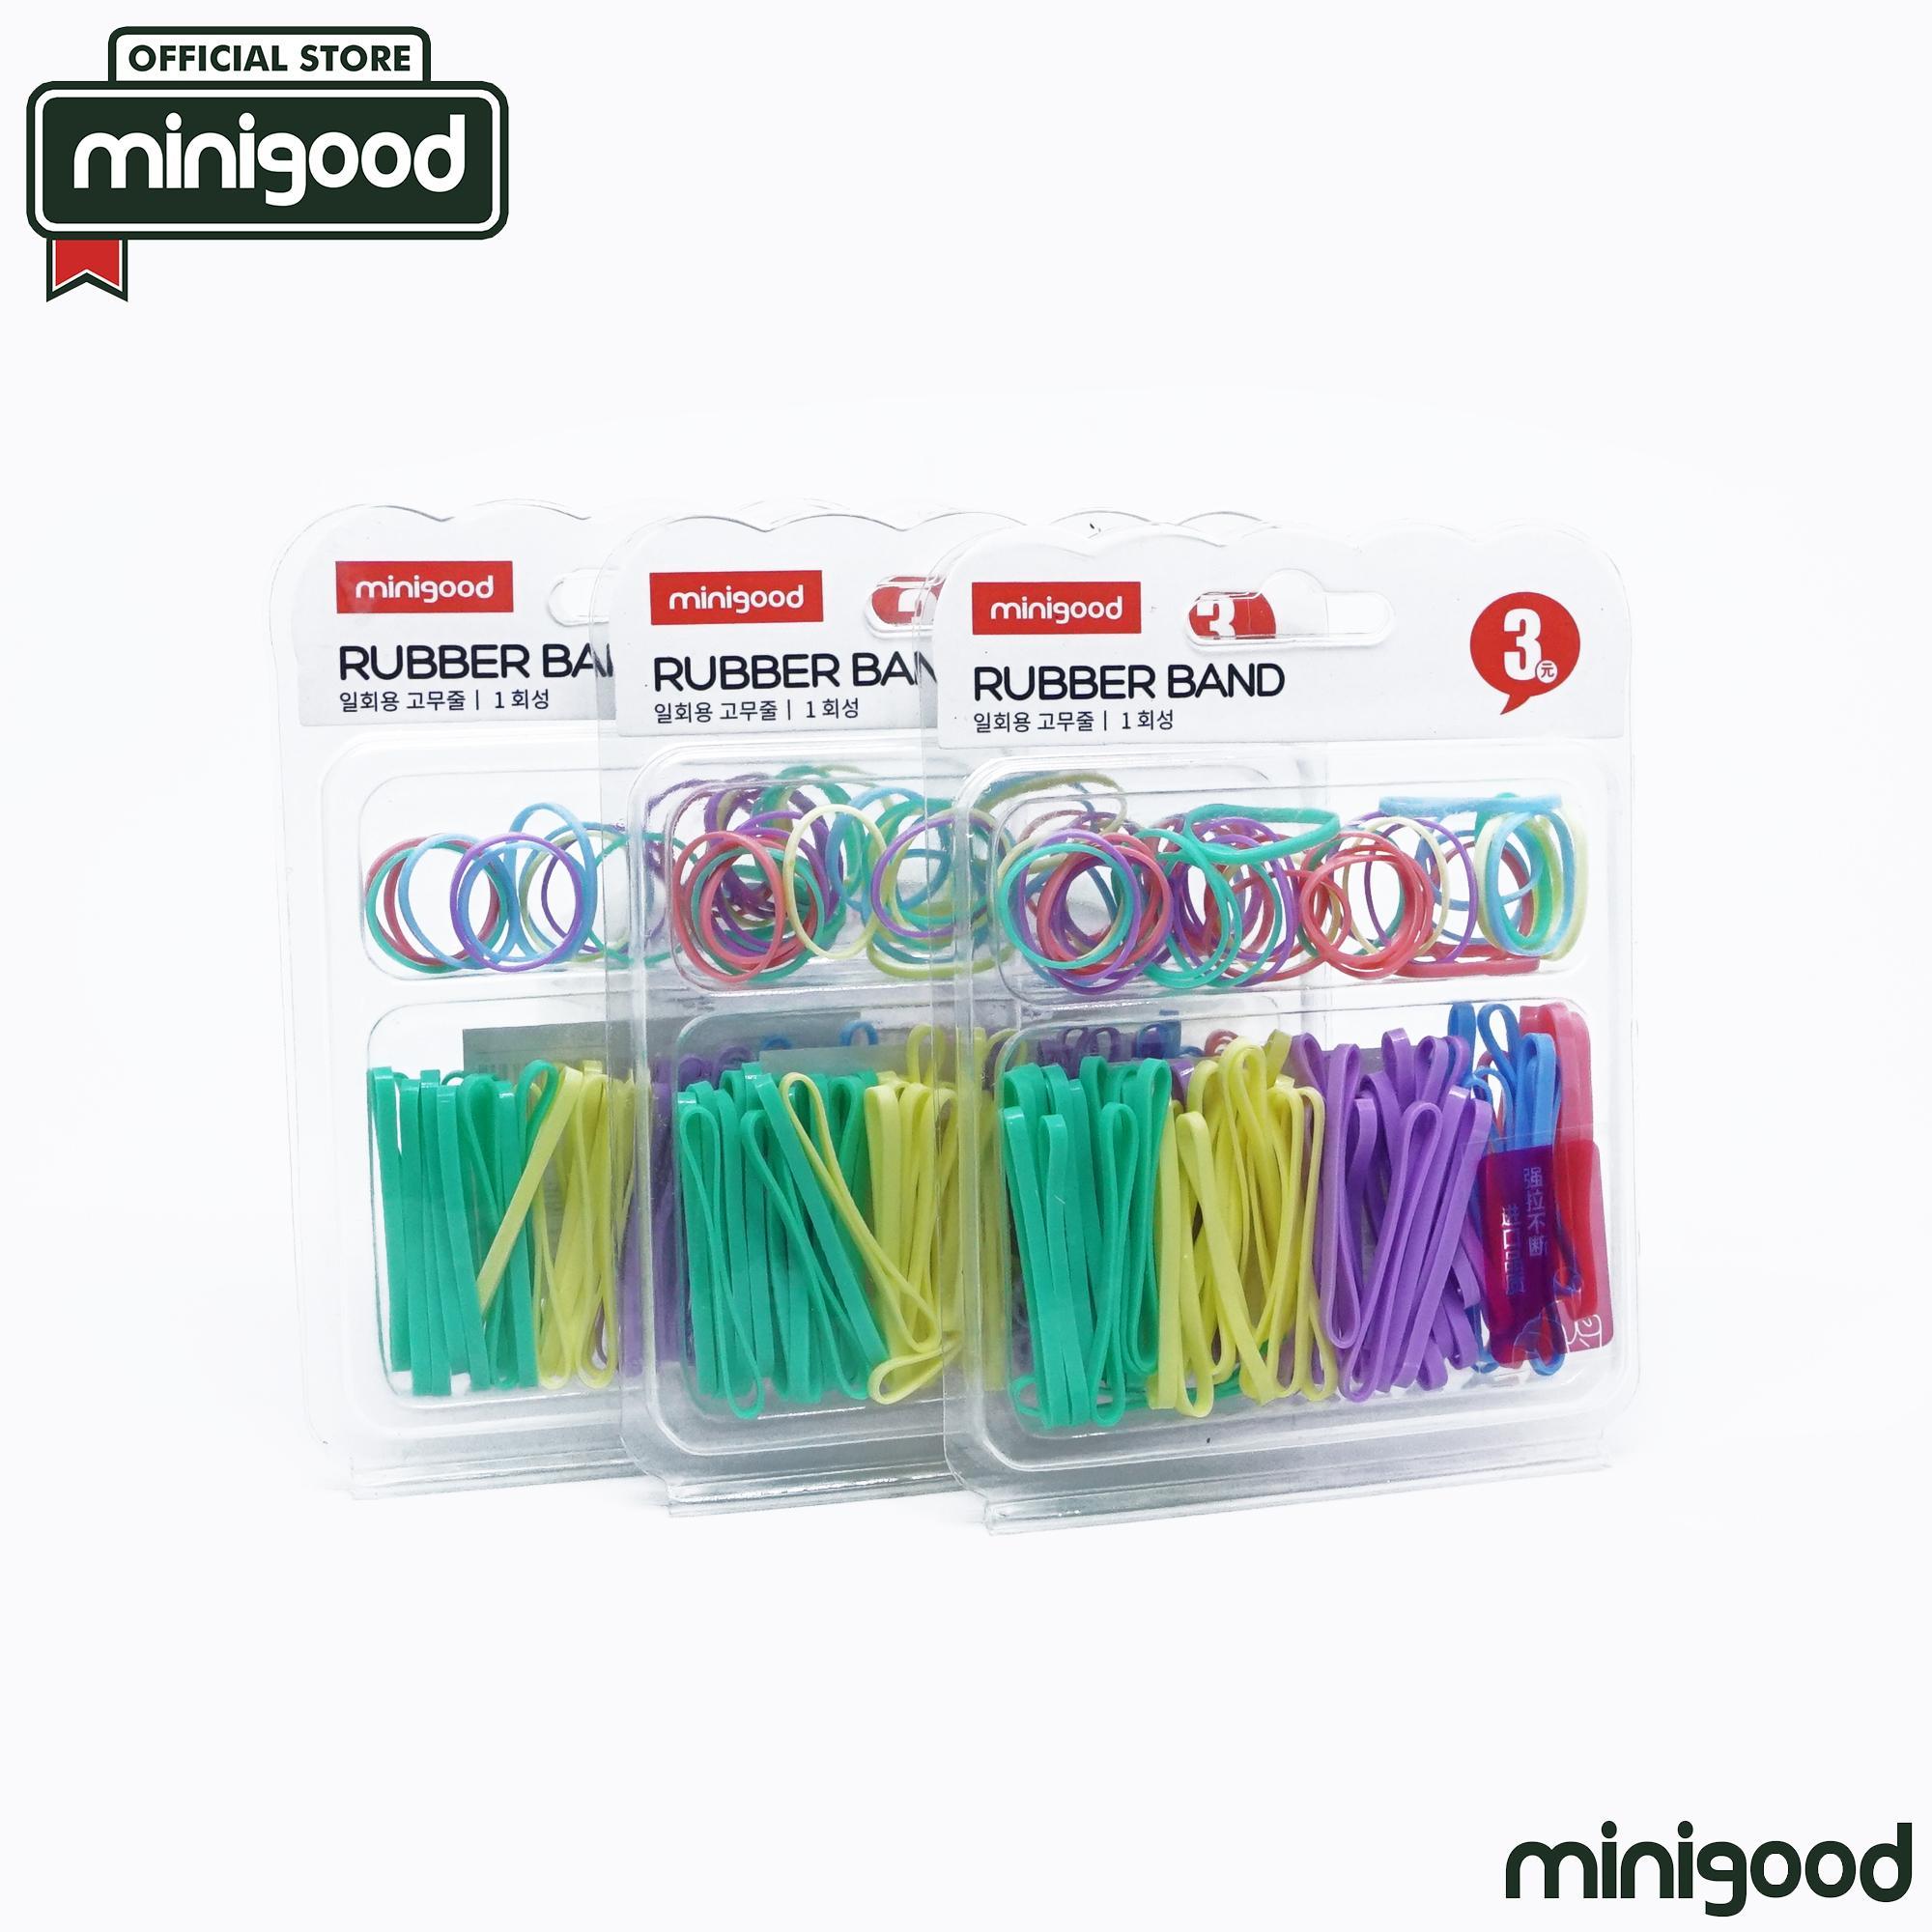 minigood NEW ITEM karet gelang rubber band ikat rambut elastis warna warni cocok dipakai sehari-hari